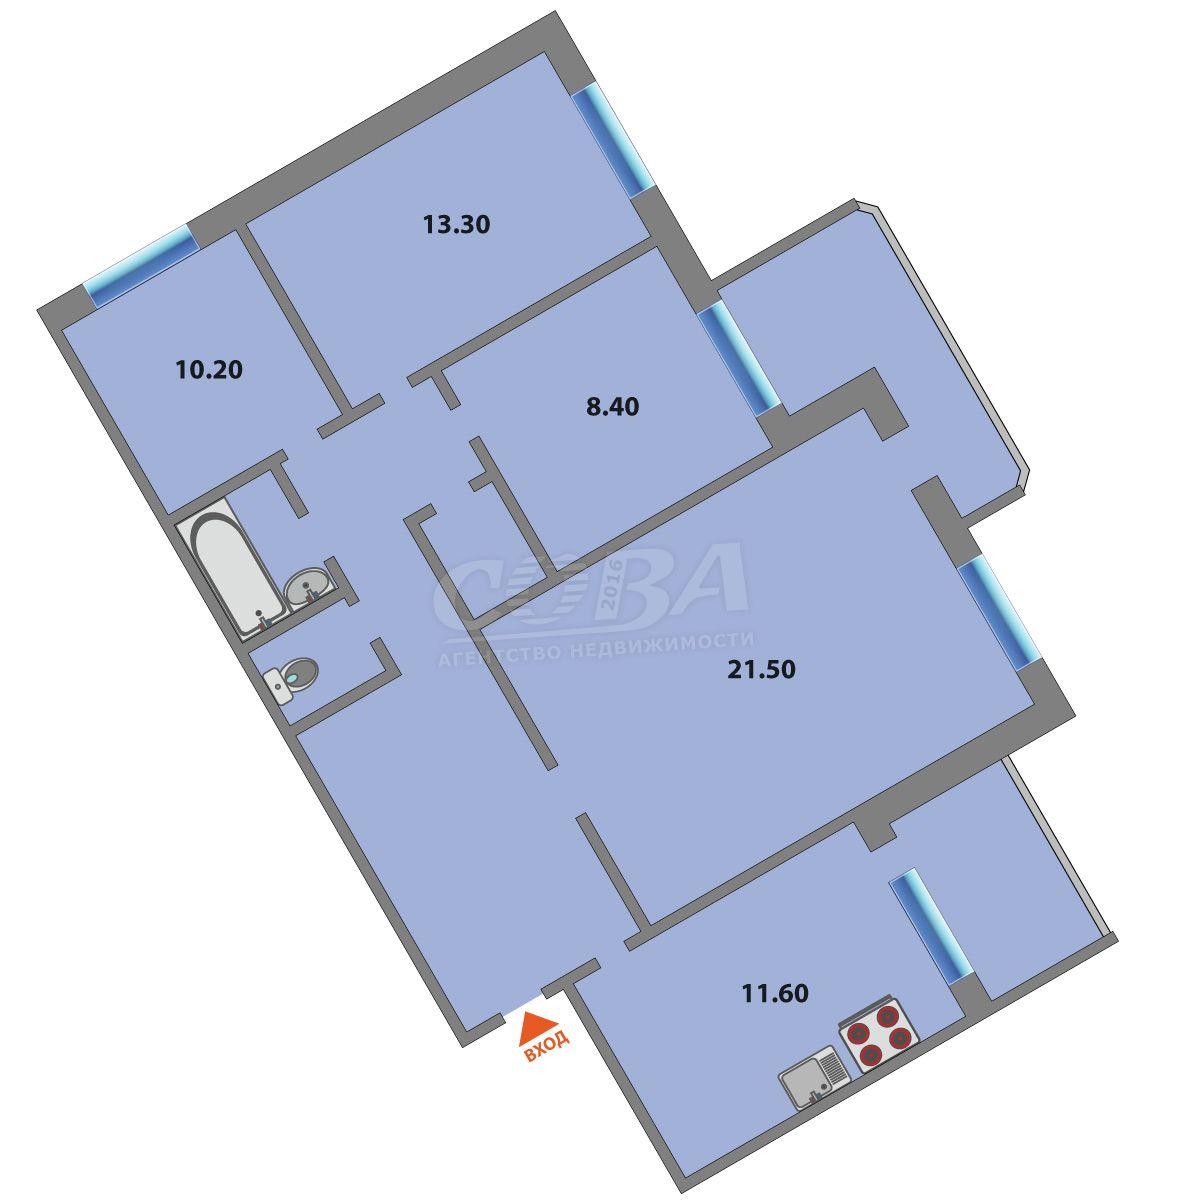 4 комнатная квартира  на КПД в районе 50 лет Октября, ул. Энергетиков, 45/2, г. Тюмень